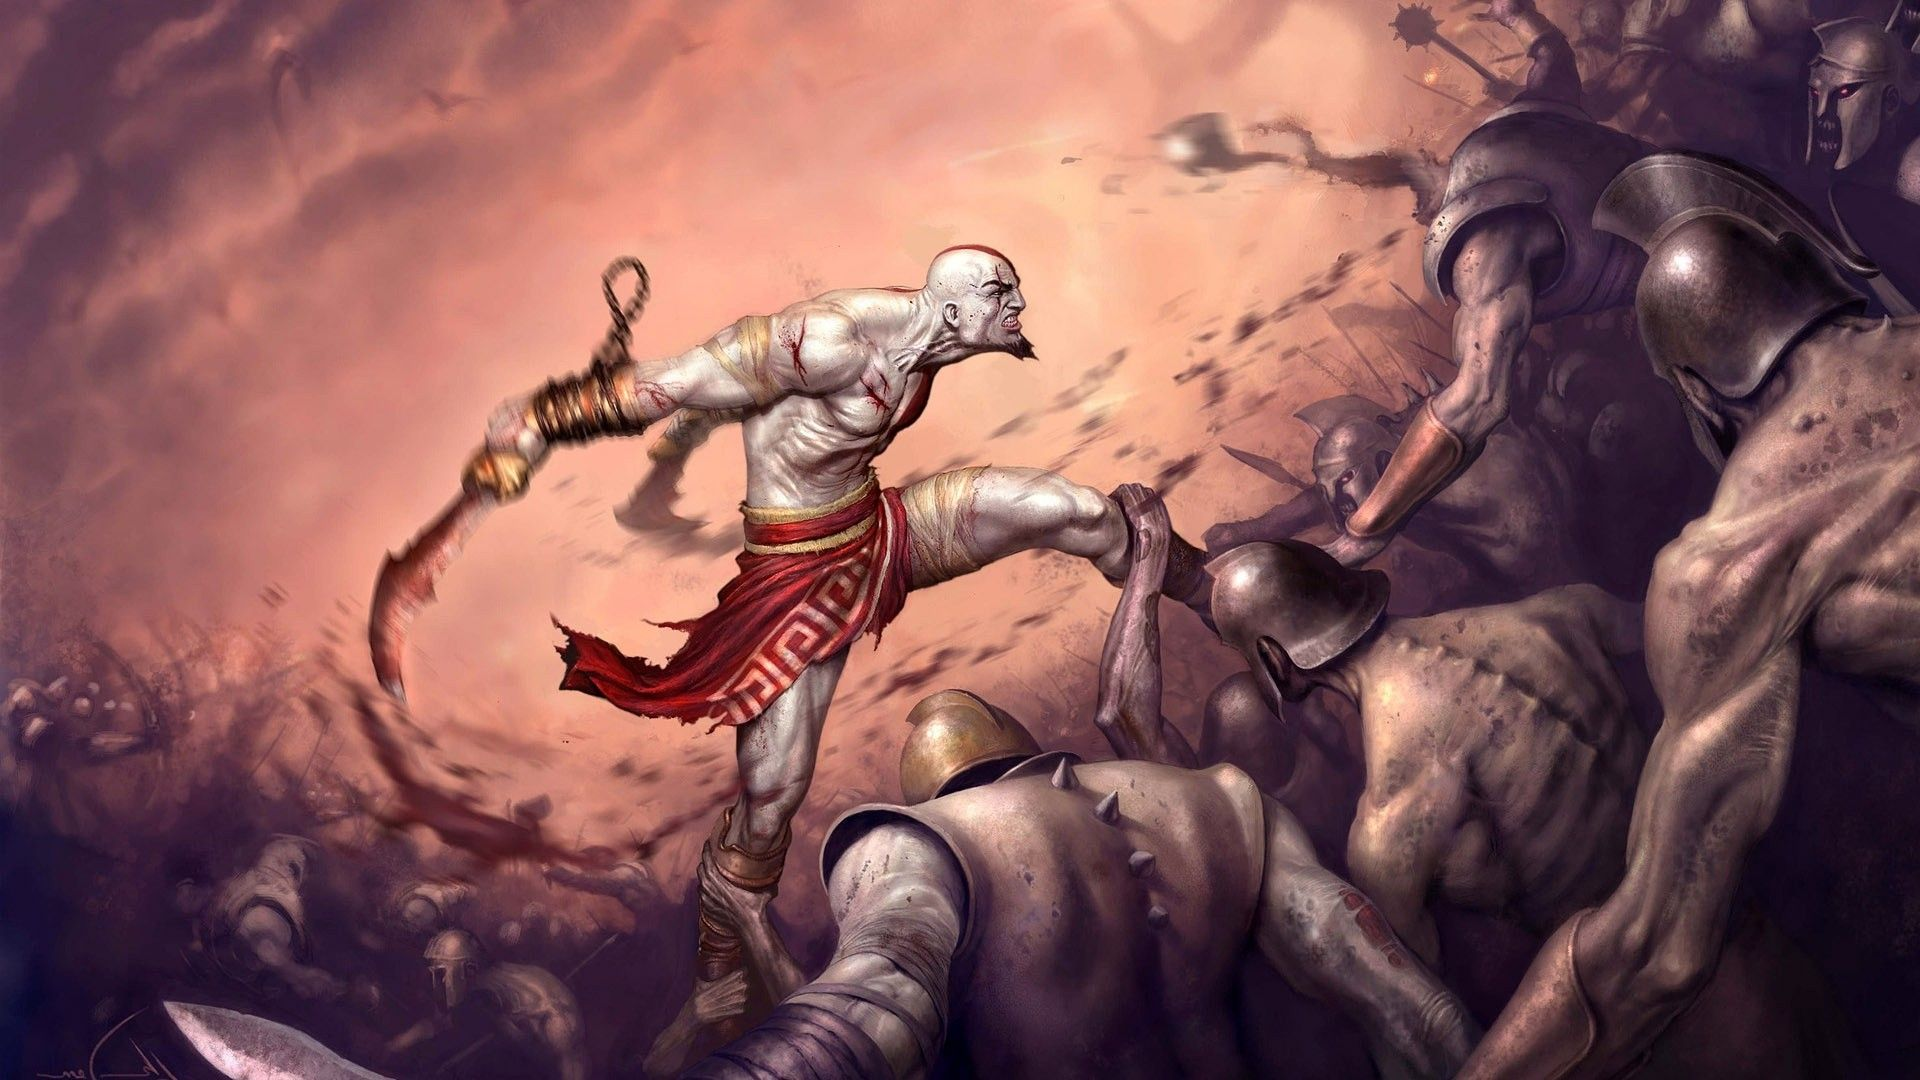 God Of War Wallpaper Kratos Hd Wallpapers Pinterest God Of War